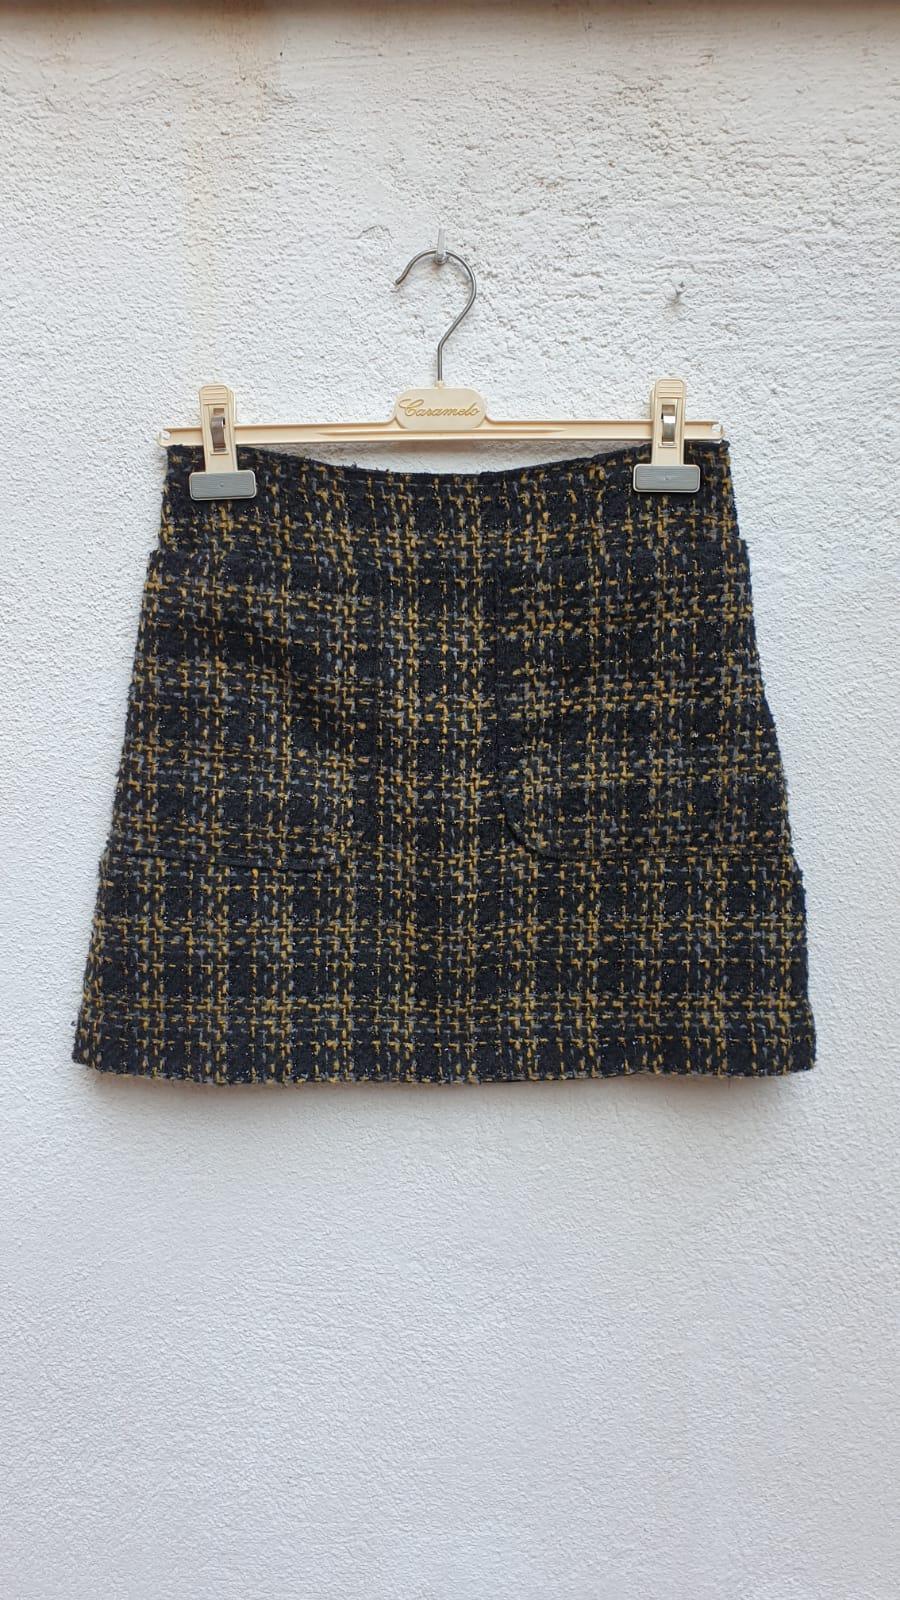 Mini falda tipo chanel image